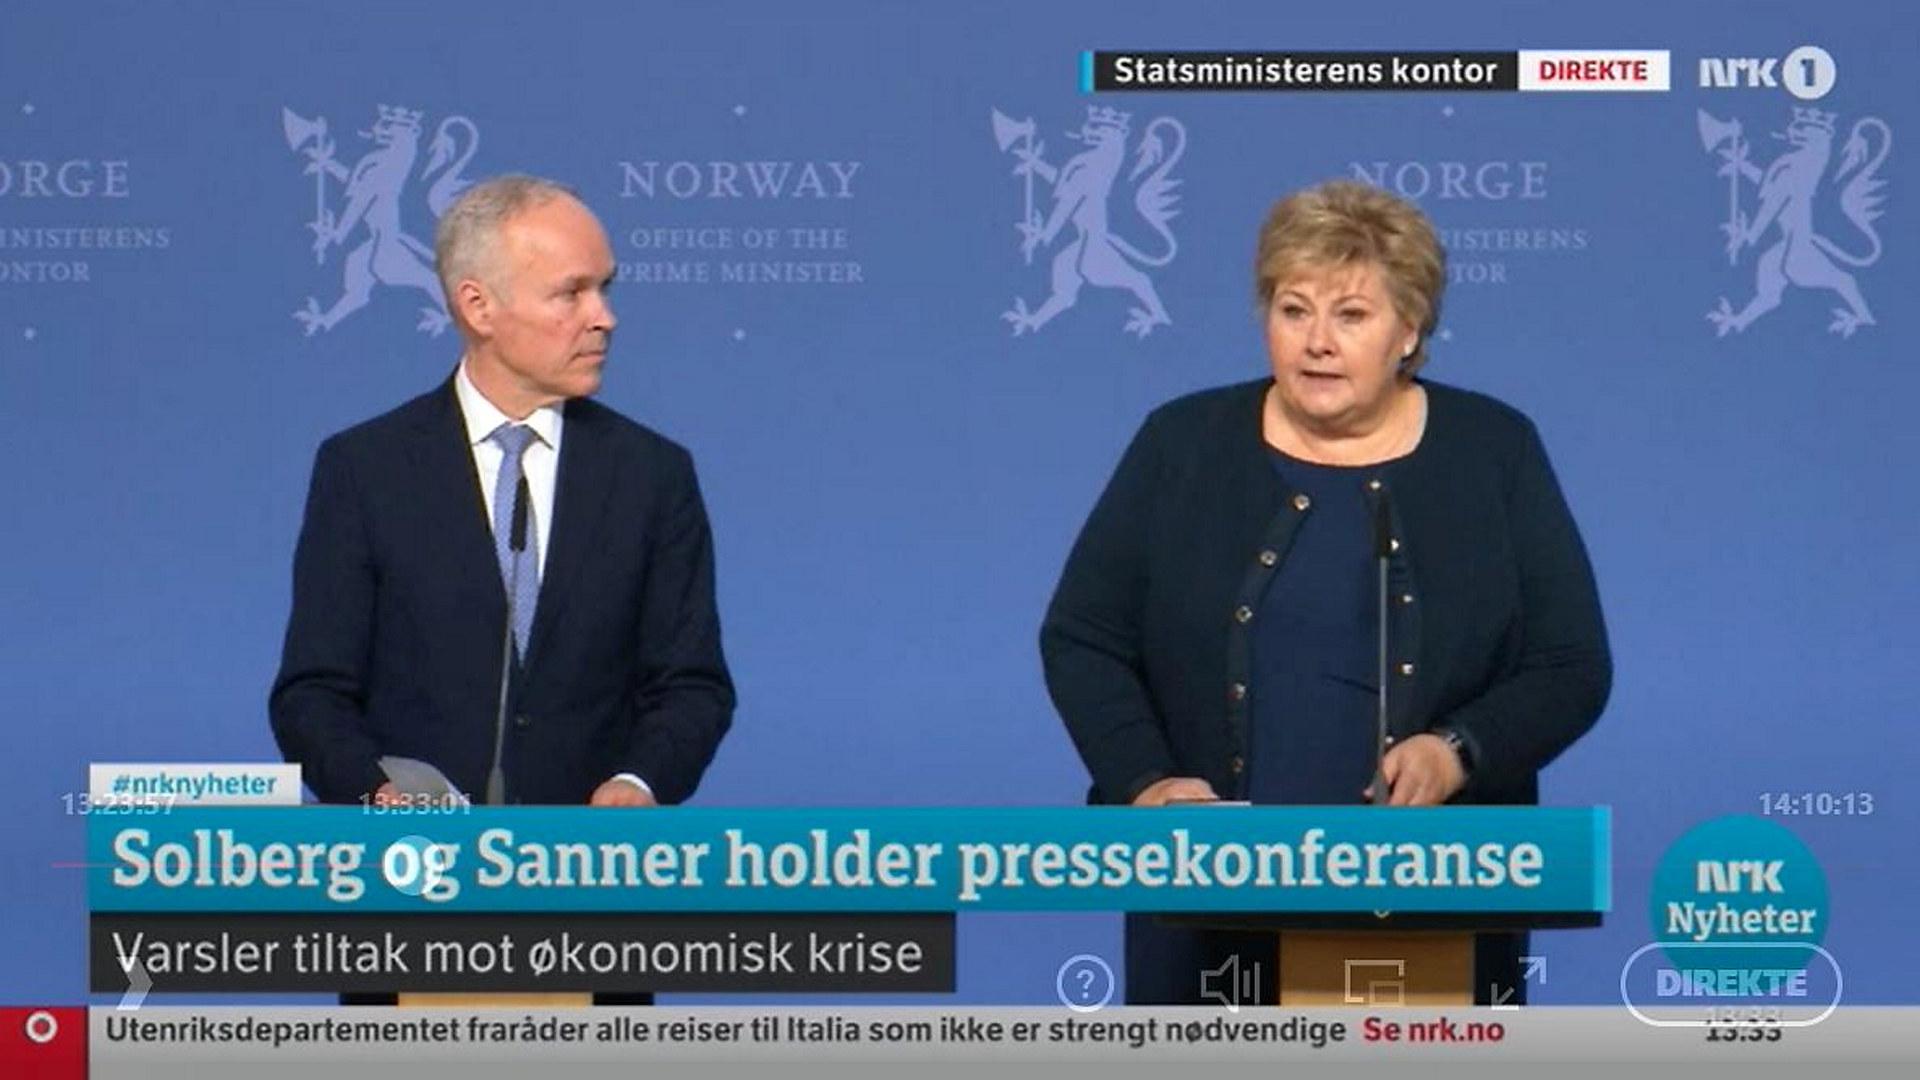 Statsminister Erna Solberg og finansminister Jan Tore Sanner avholder pressekonferanse i forbindelse med korona-utbruddet. Skjermdump: NRK